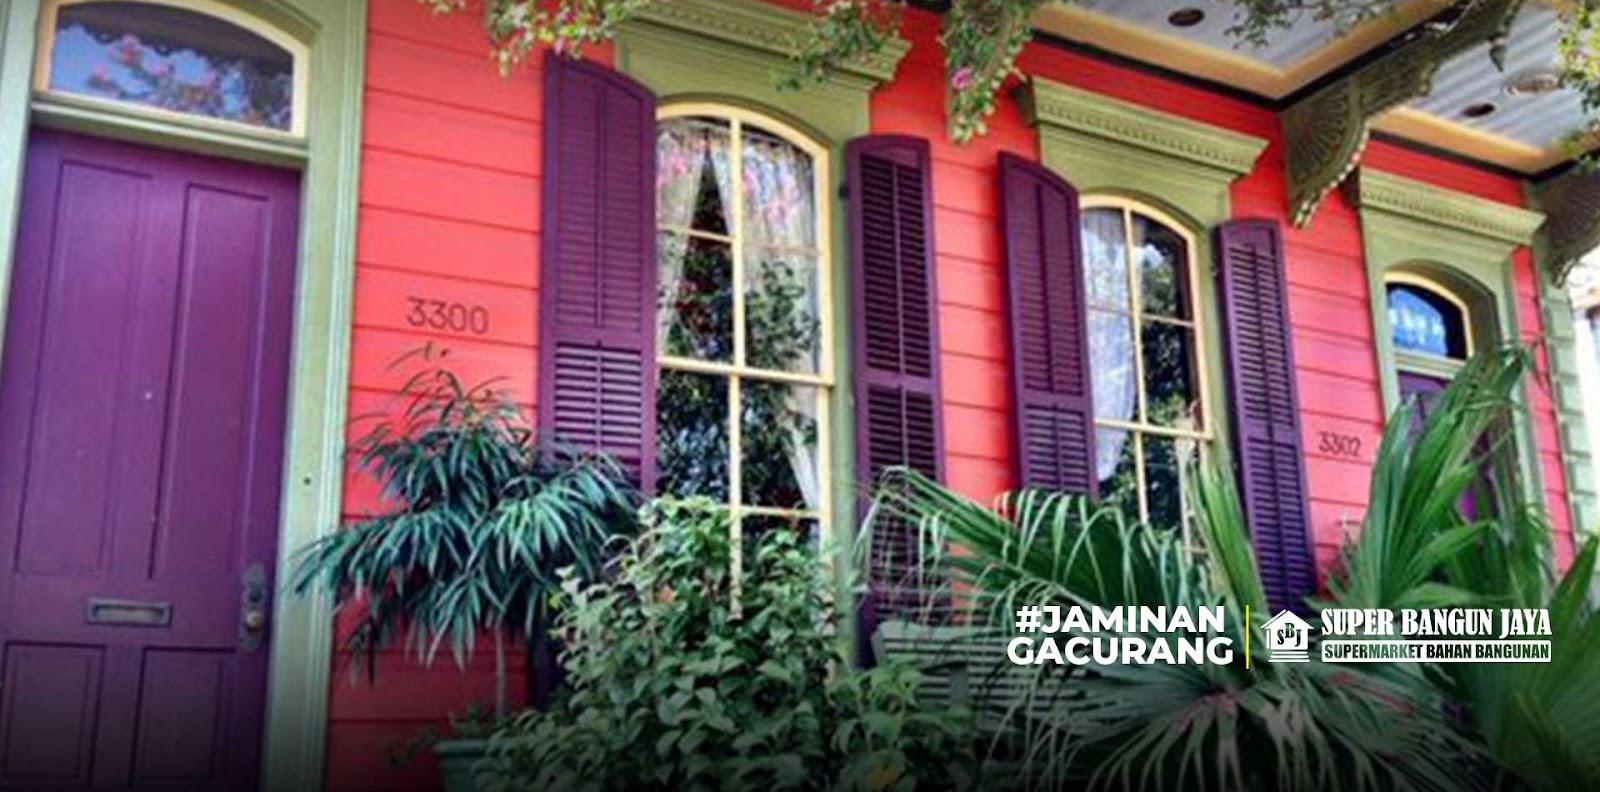 Warna cat dinding rumah yang elegan - bestseller.superbangunjaya.com